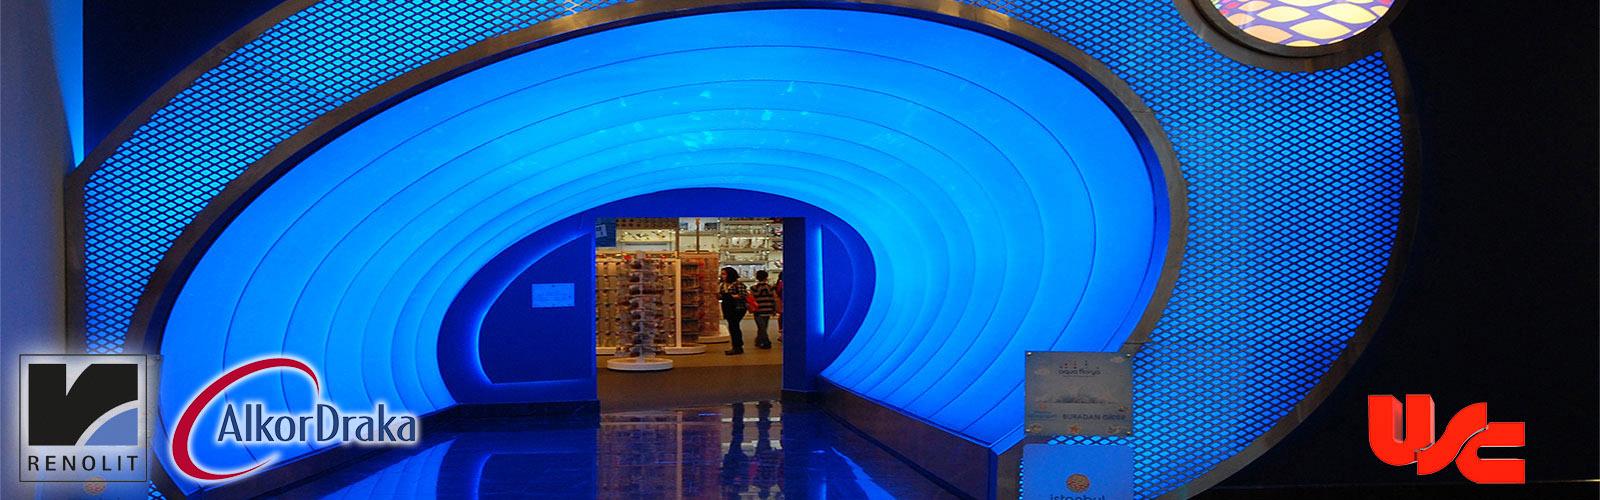 Aqua Florya AVM Gergi Tavan ile tünel tasarımı